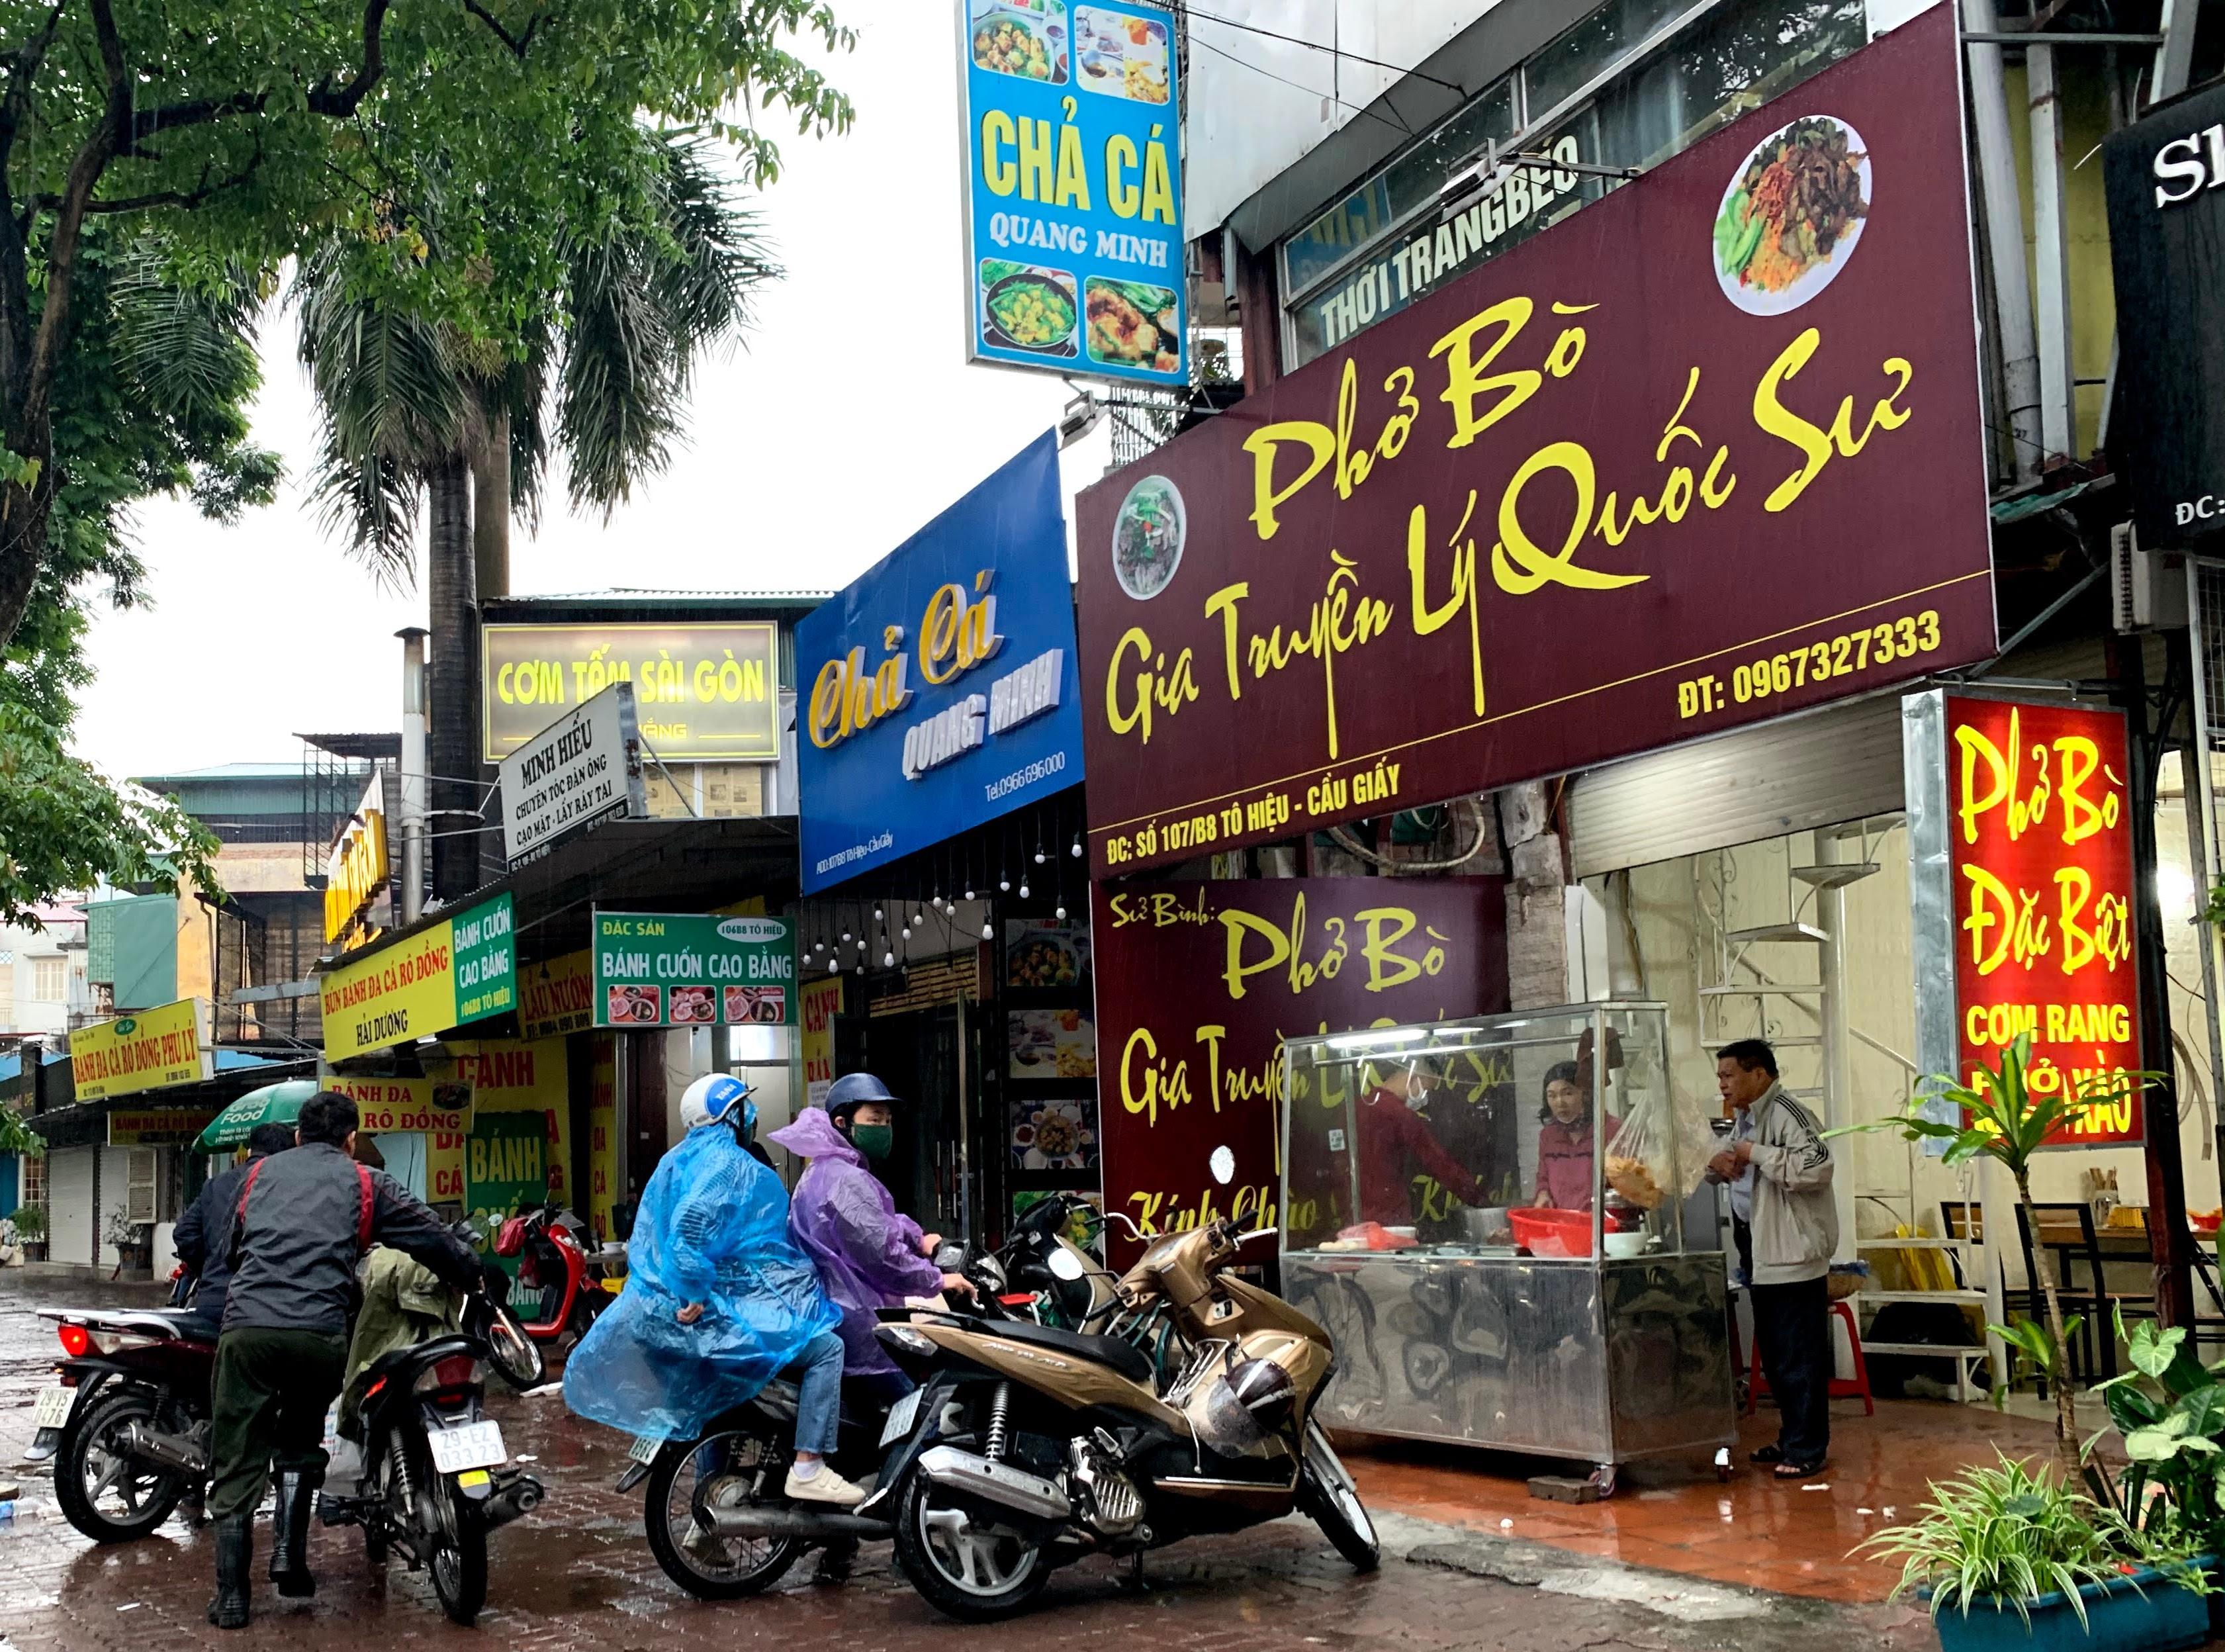 Người Hà Nội đội mưa đi ăn phở, uống cà phê sau cách li: 'Thèm quá, không chịu được' - Ảnh 1.